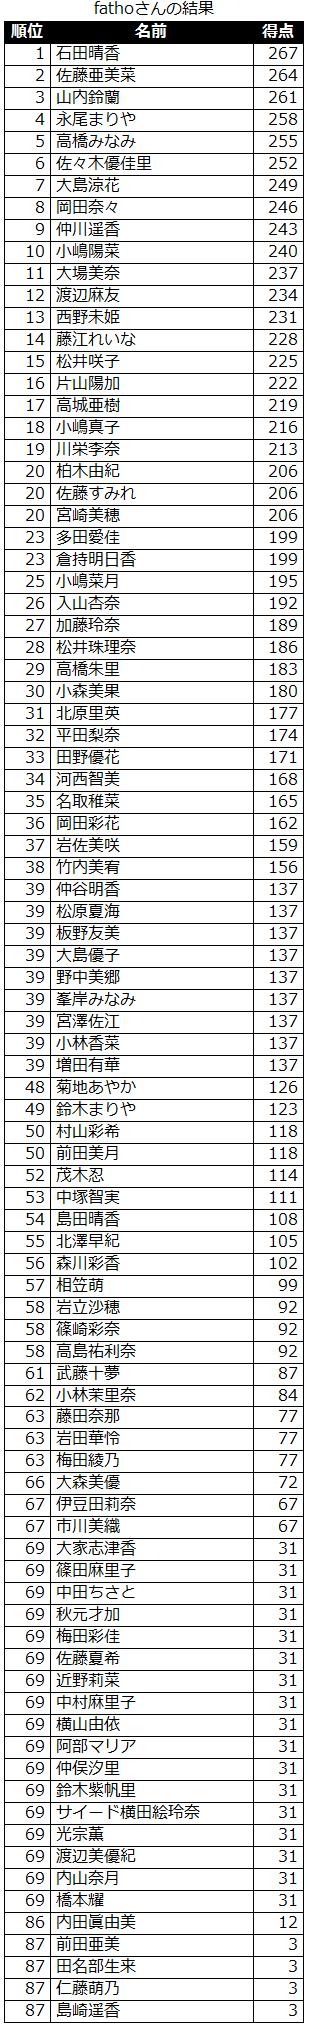 result_akb_sort_20121029